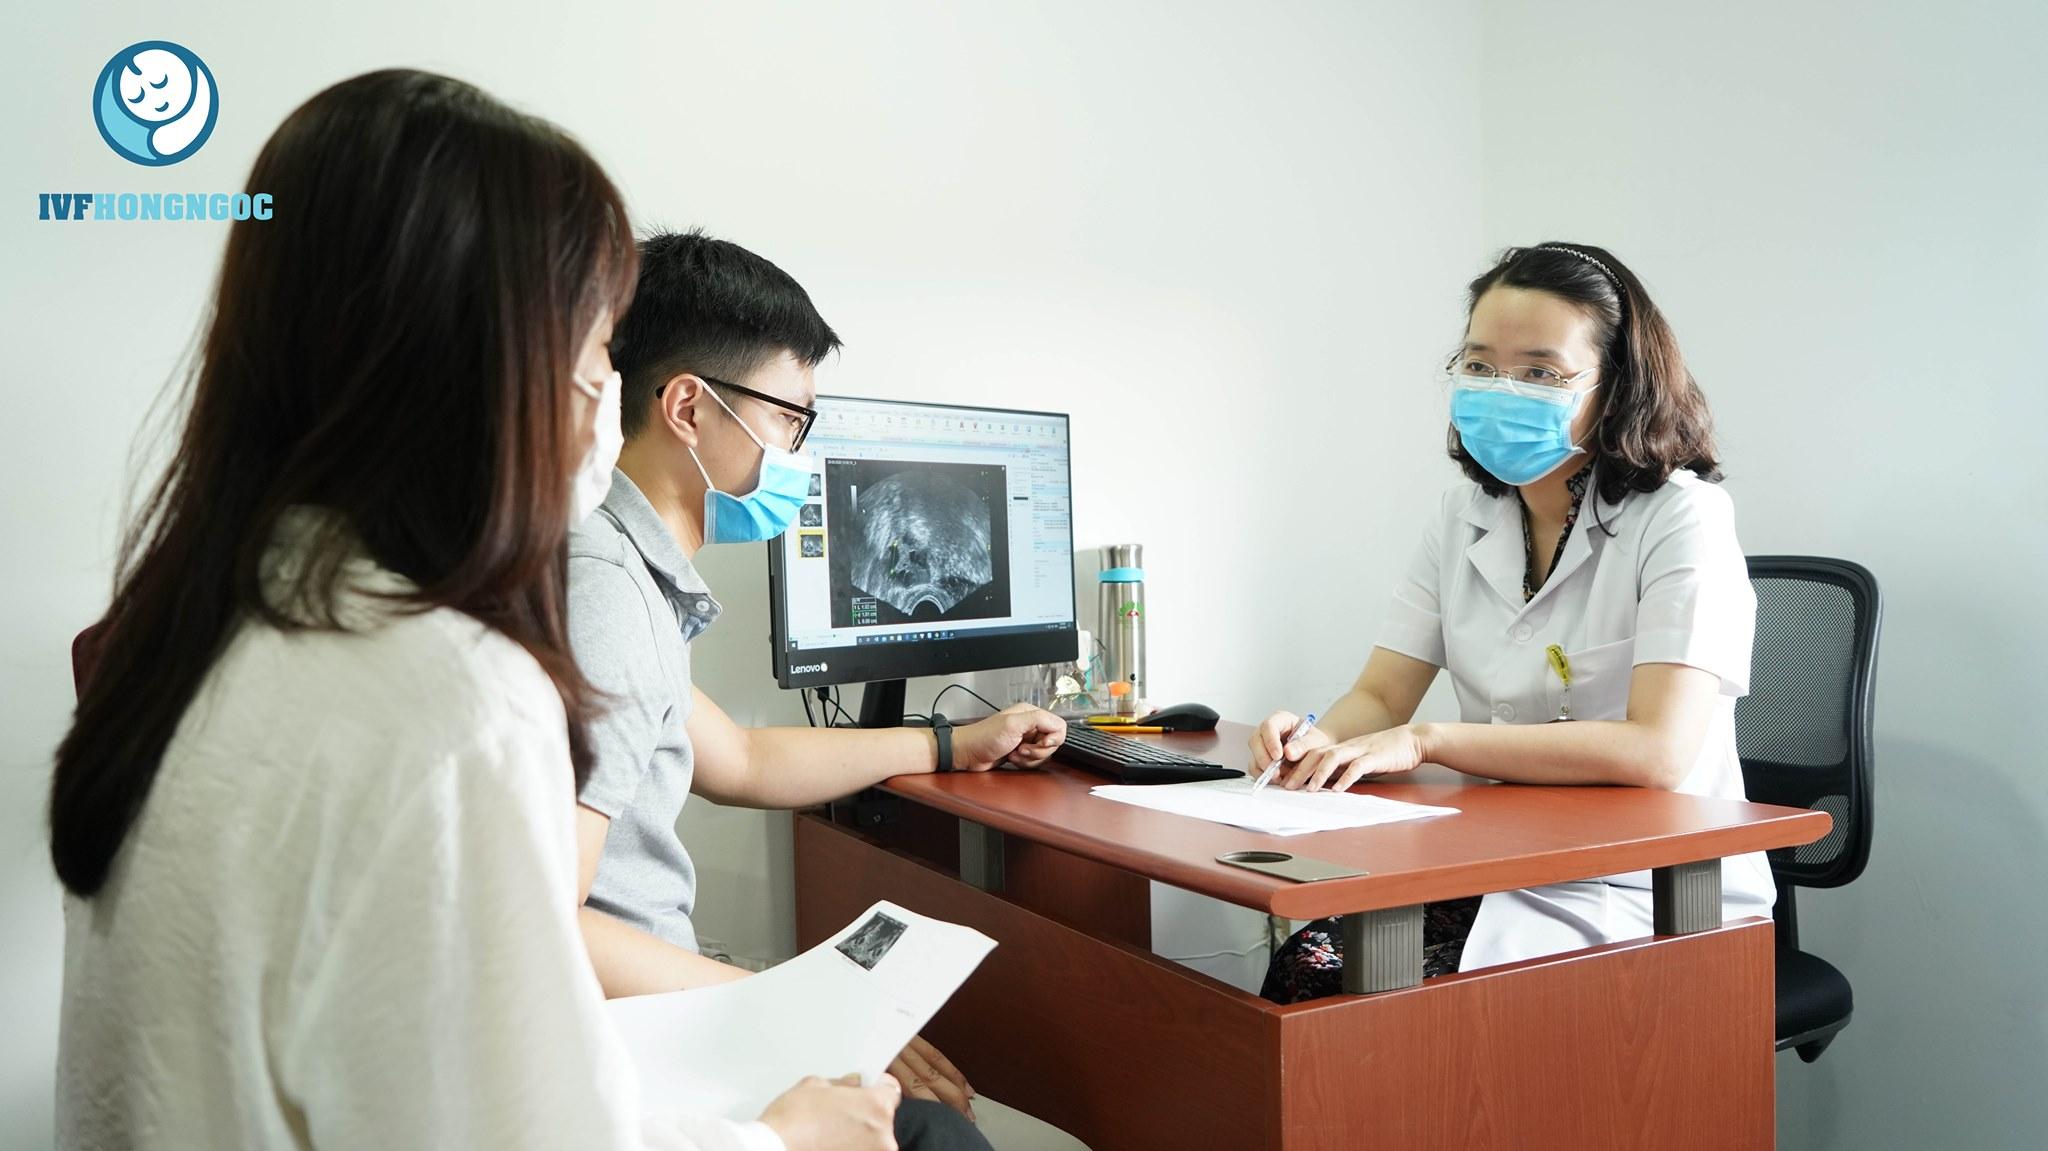 Thăm khám tại IVF Hồng Ngọc